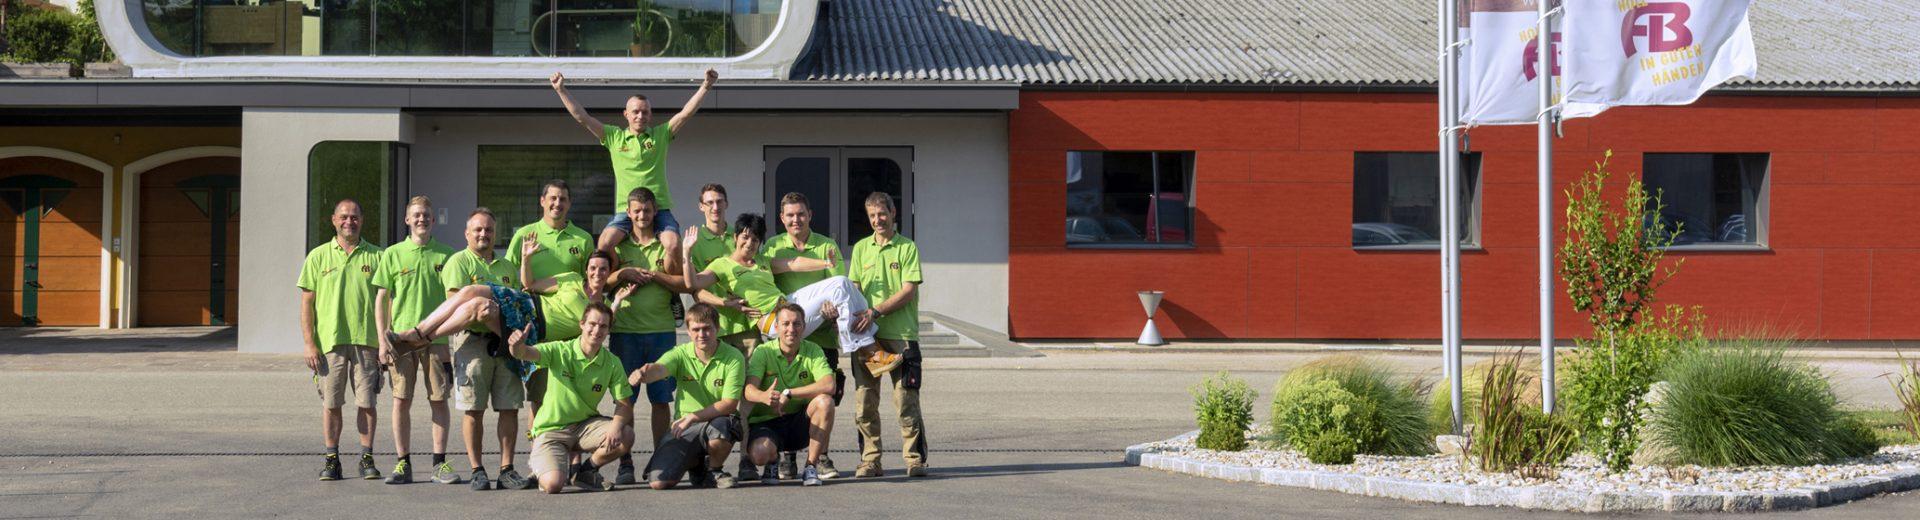 GruppenfotoAB219_Panorama_lang